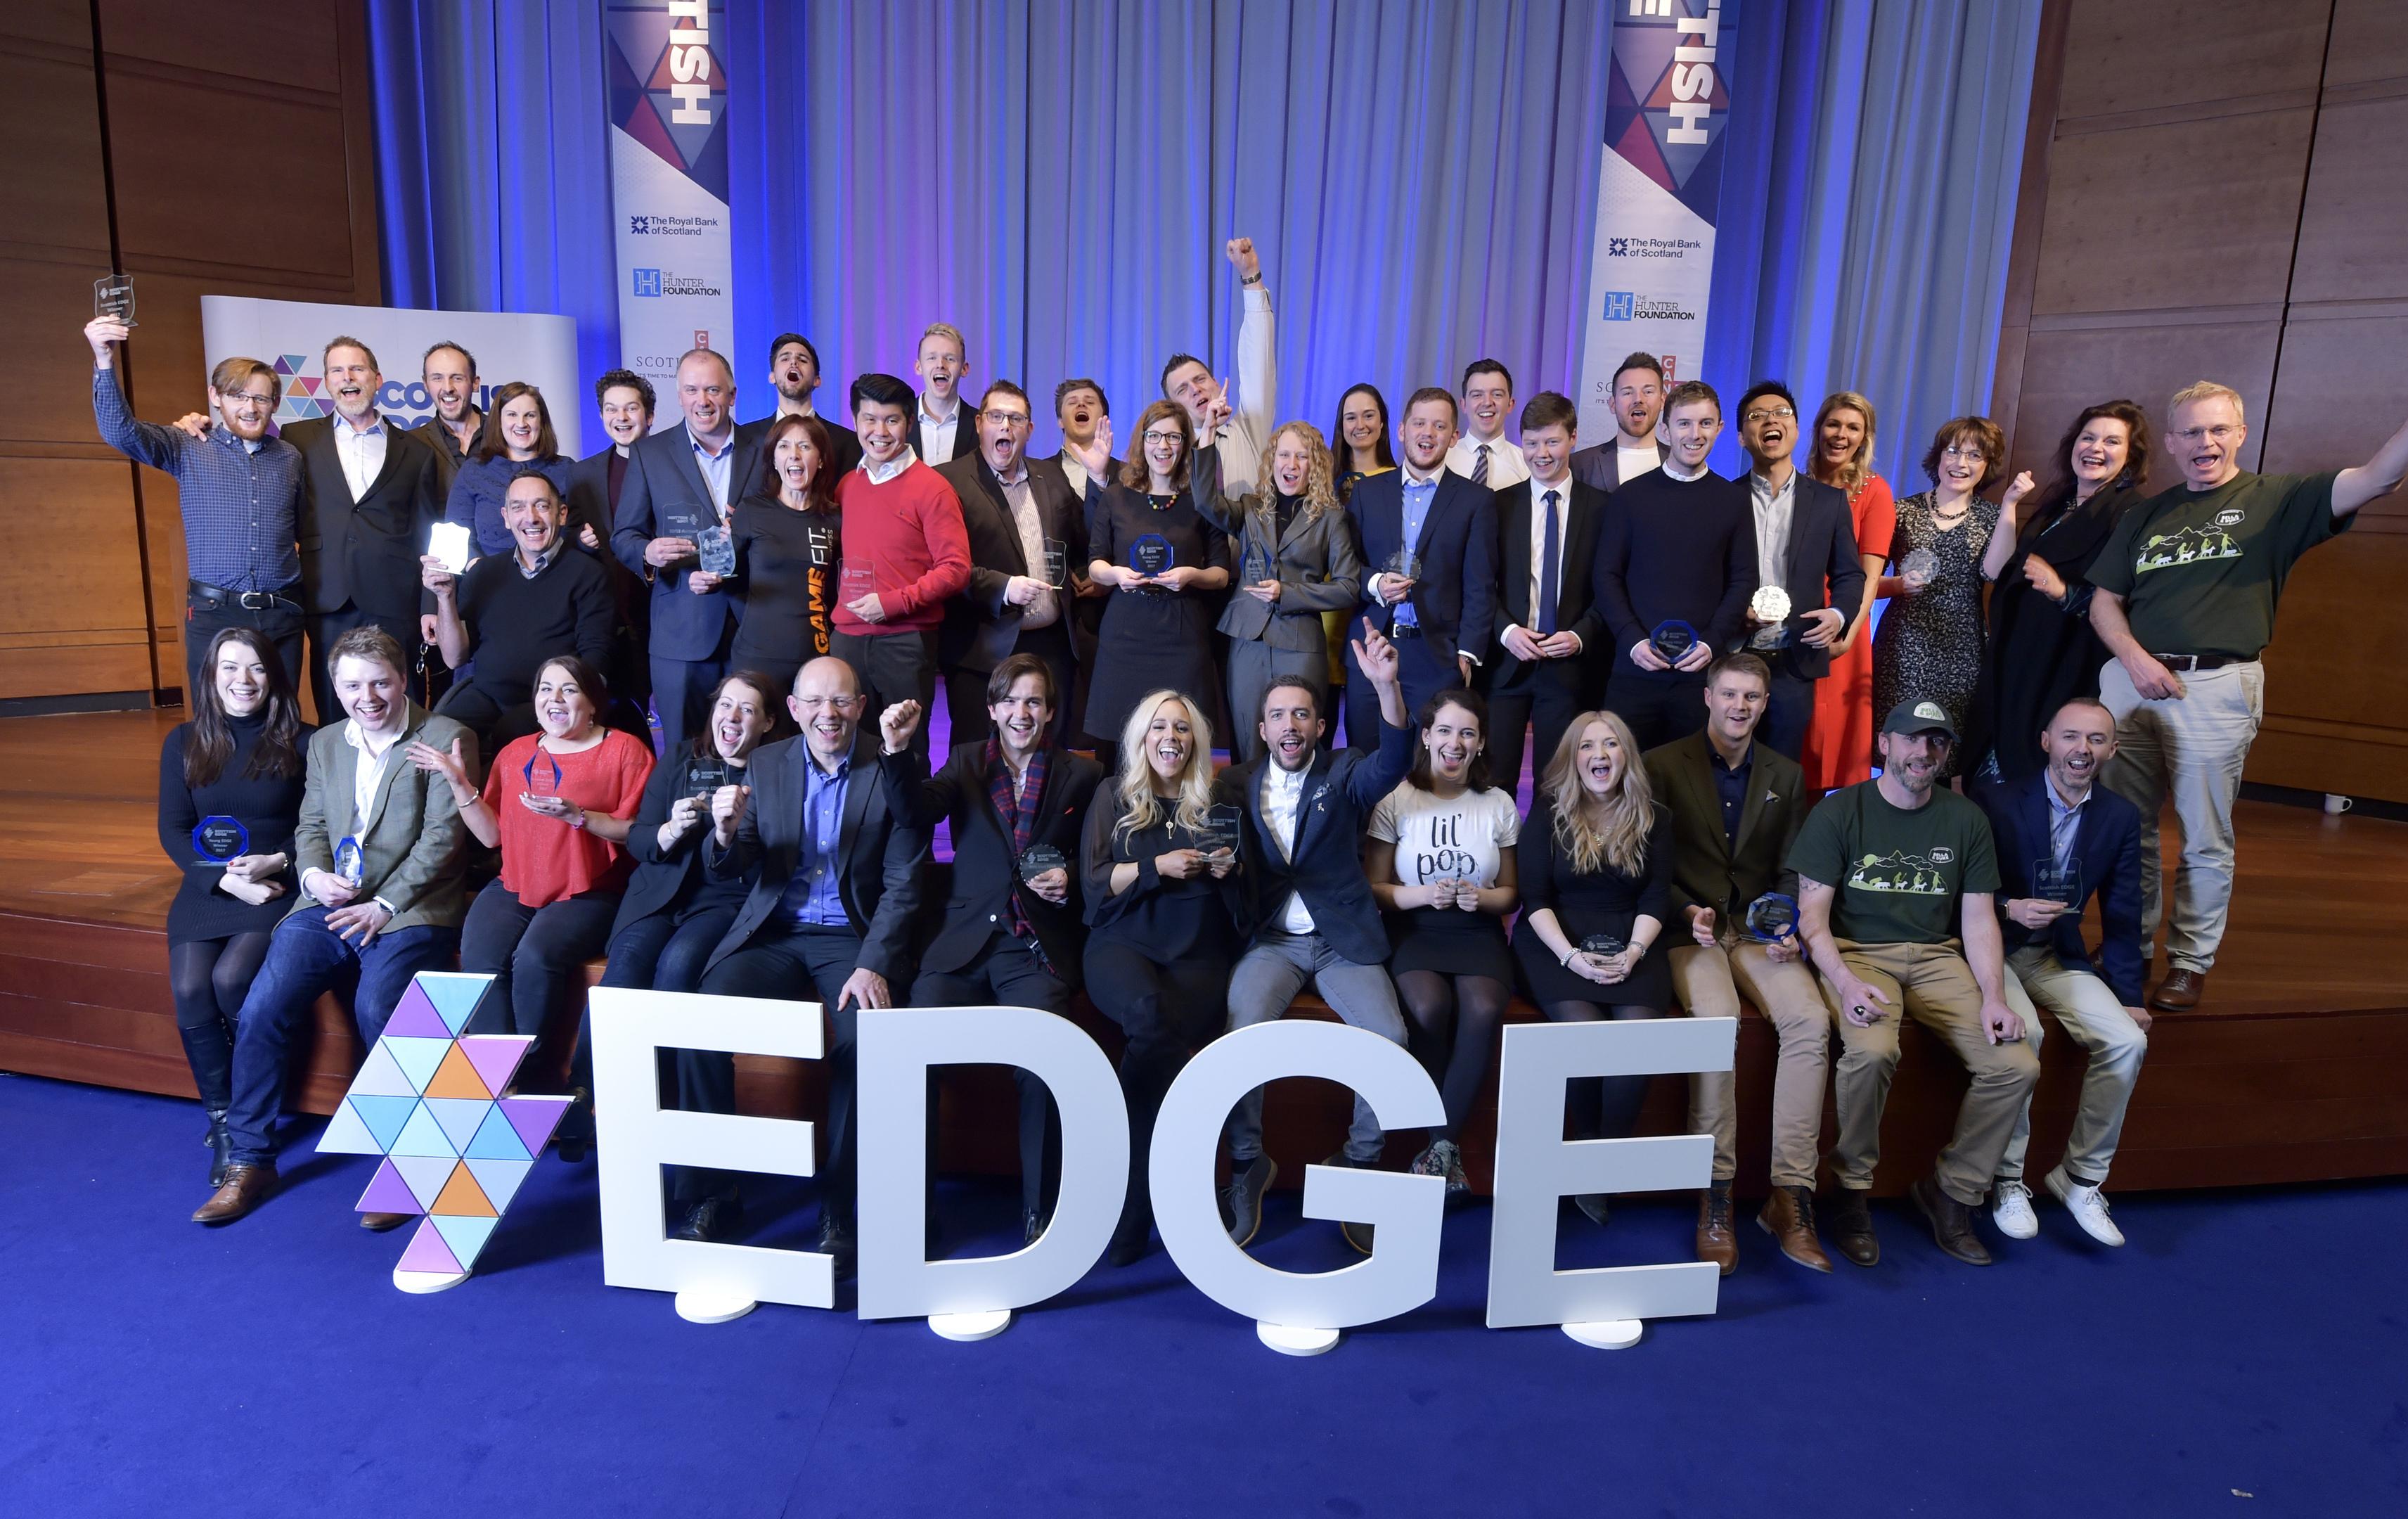 Scottish EDGE 11 award winners